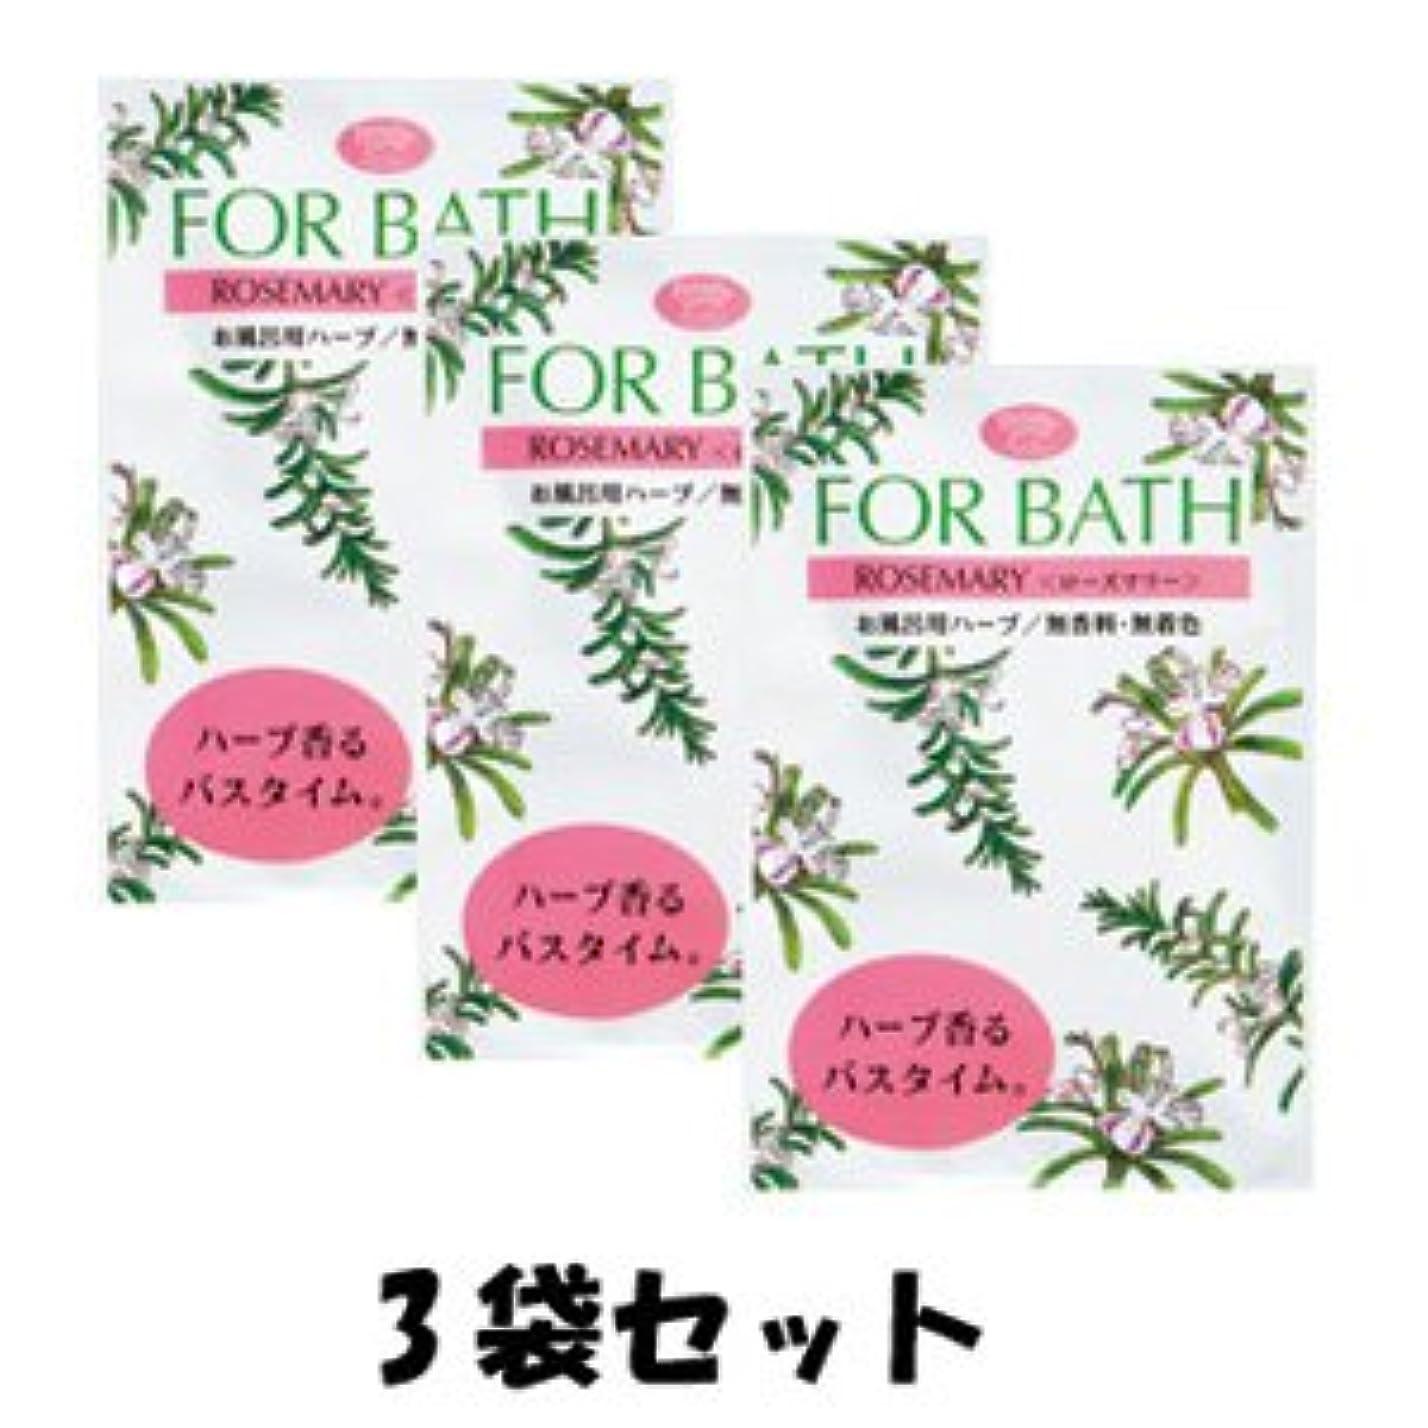 おしゃれじゃない留め金添加剤フォアバス ローズマリー 3袋セット 天然ハーブ使用